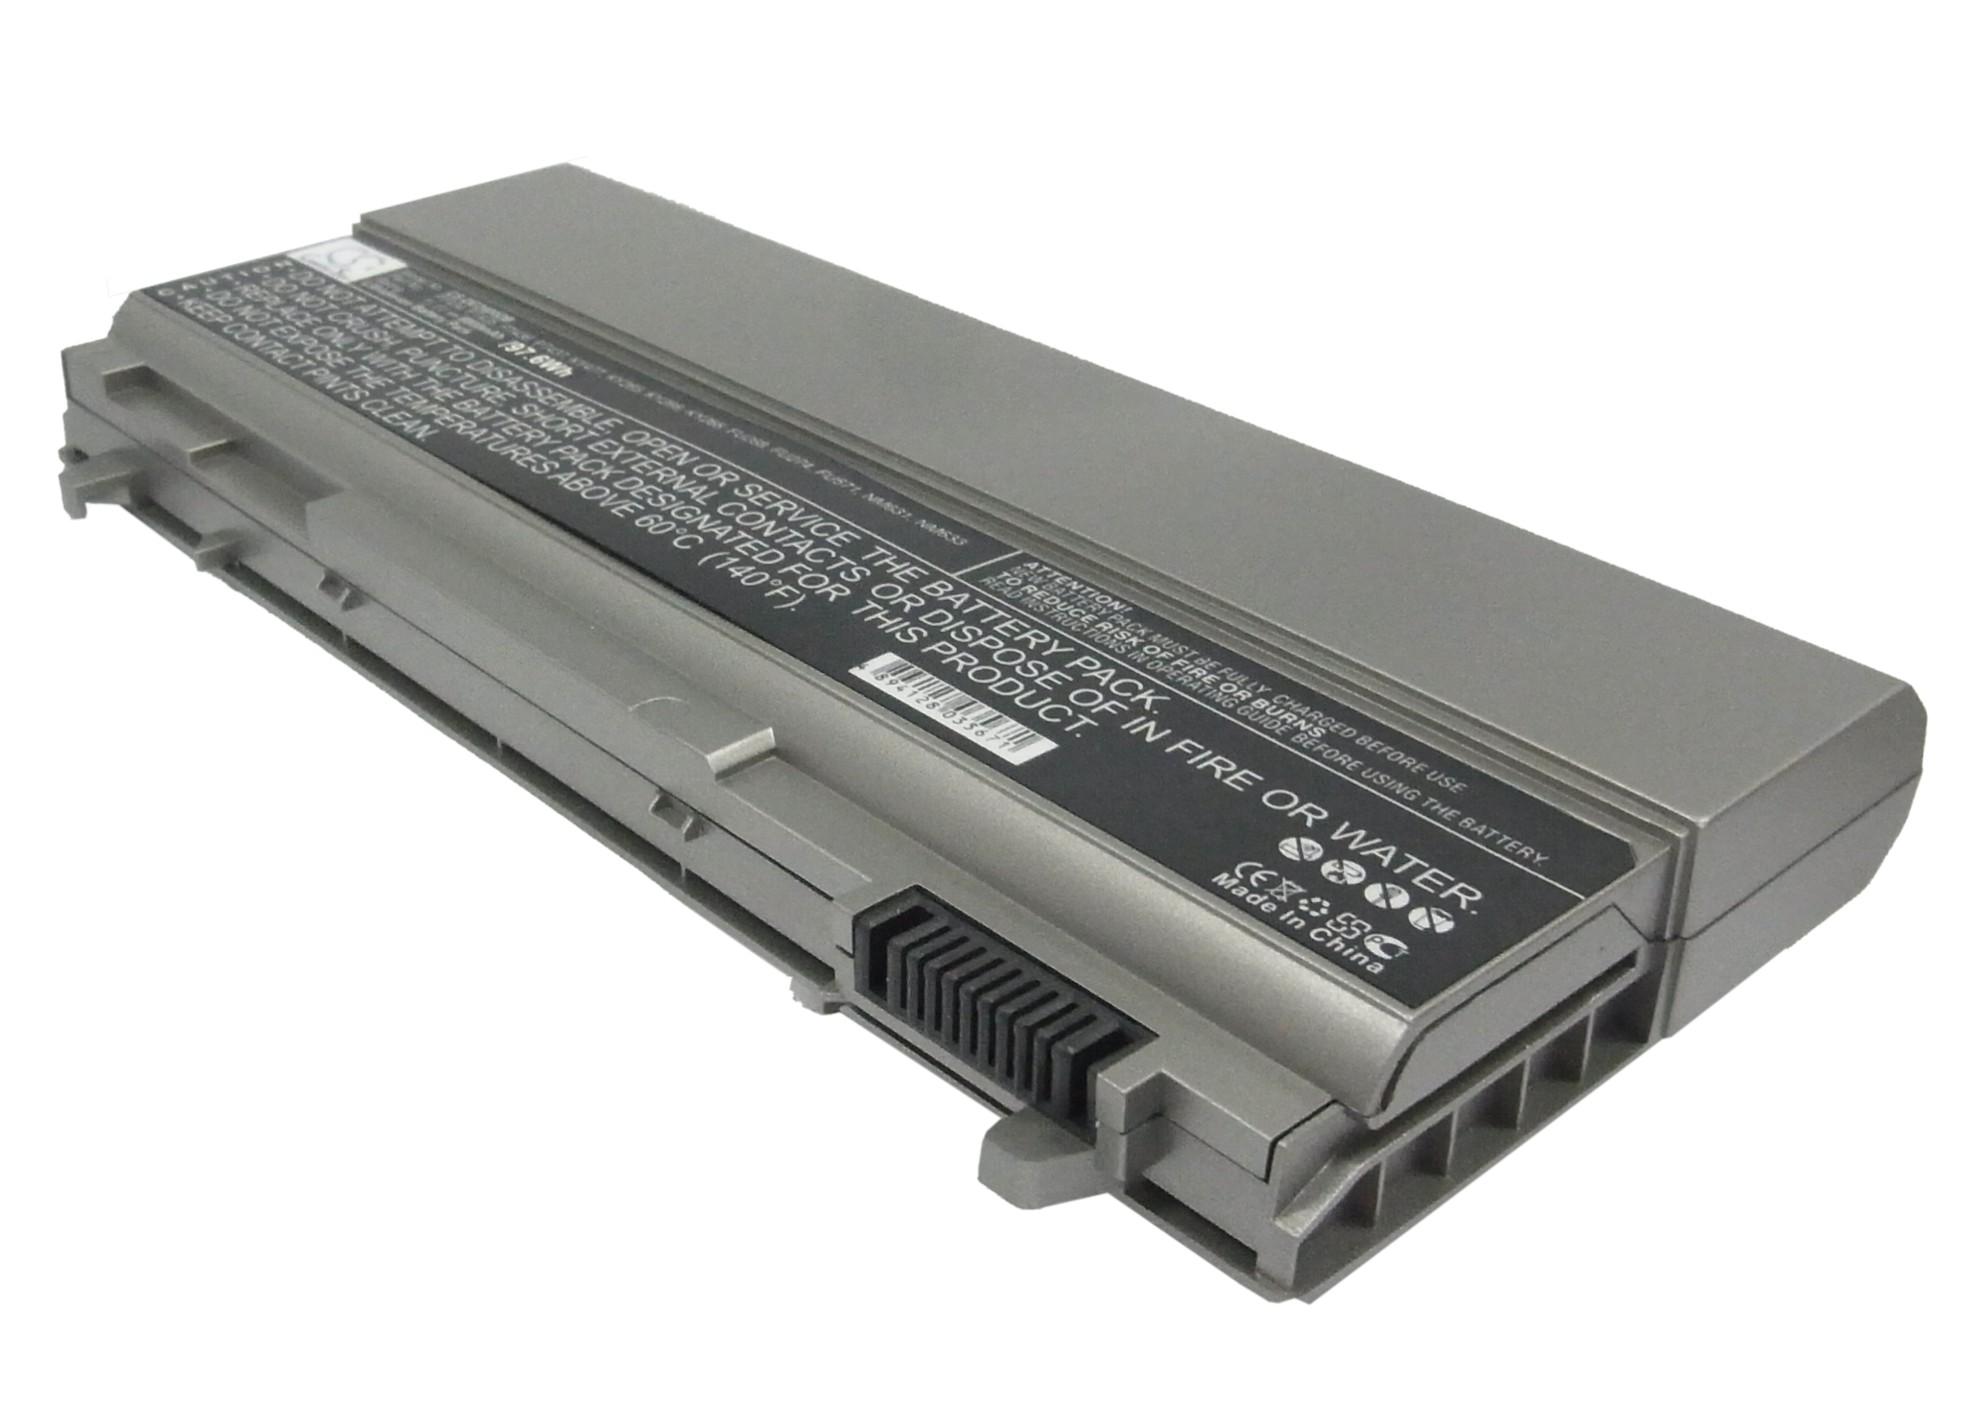 Cameron Sino baterie do notebooků pro DELL Latitude E6410 ATG 11.1V Li-ion 8800mAh stříbrná šedá - neoriginální